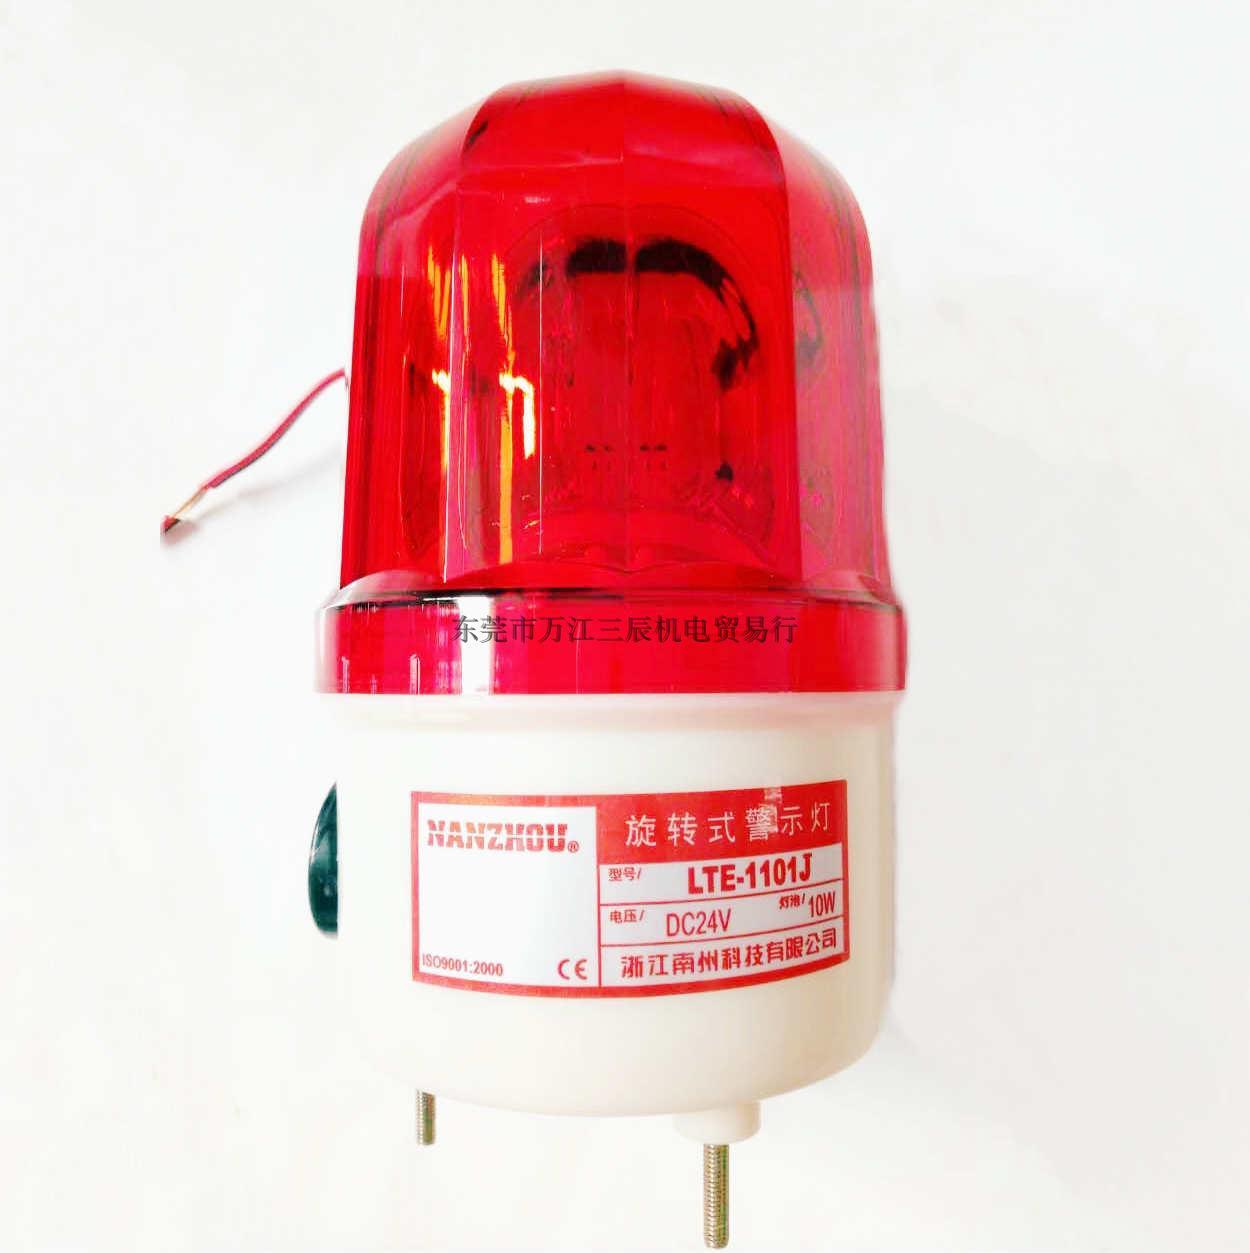 24V南洲报警灯LTE-1101J原装全新现货带蜂鸣器旋转自转NANZHOU红